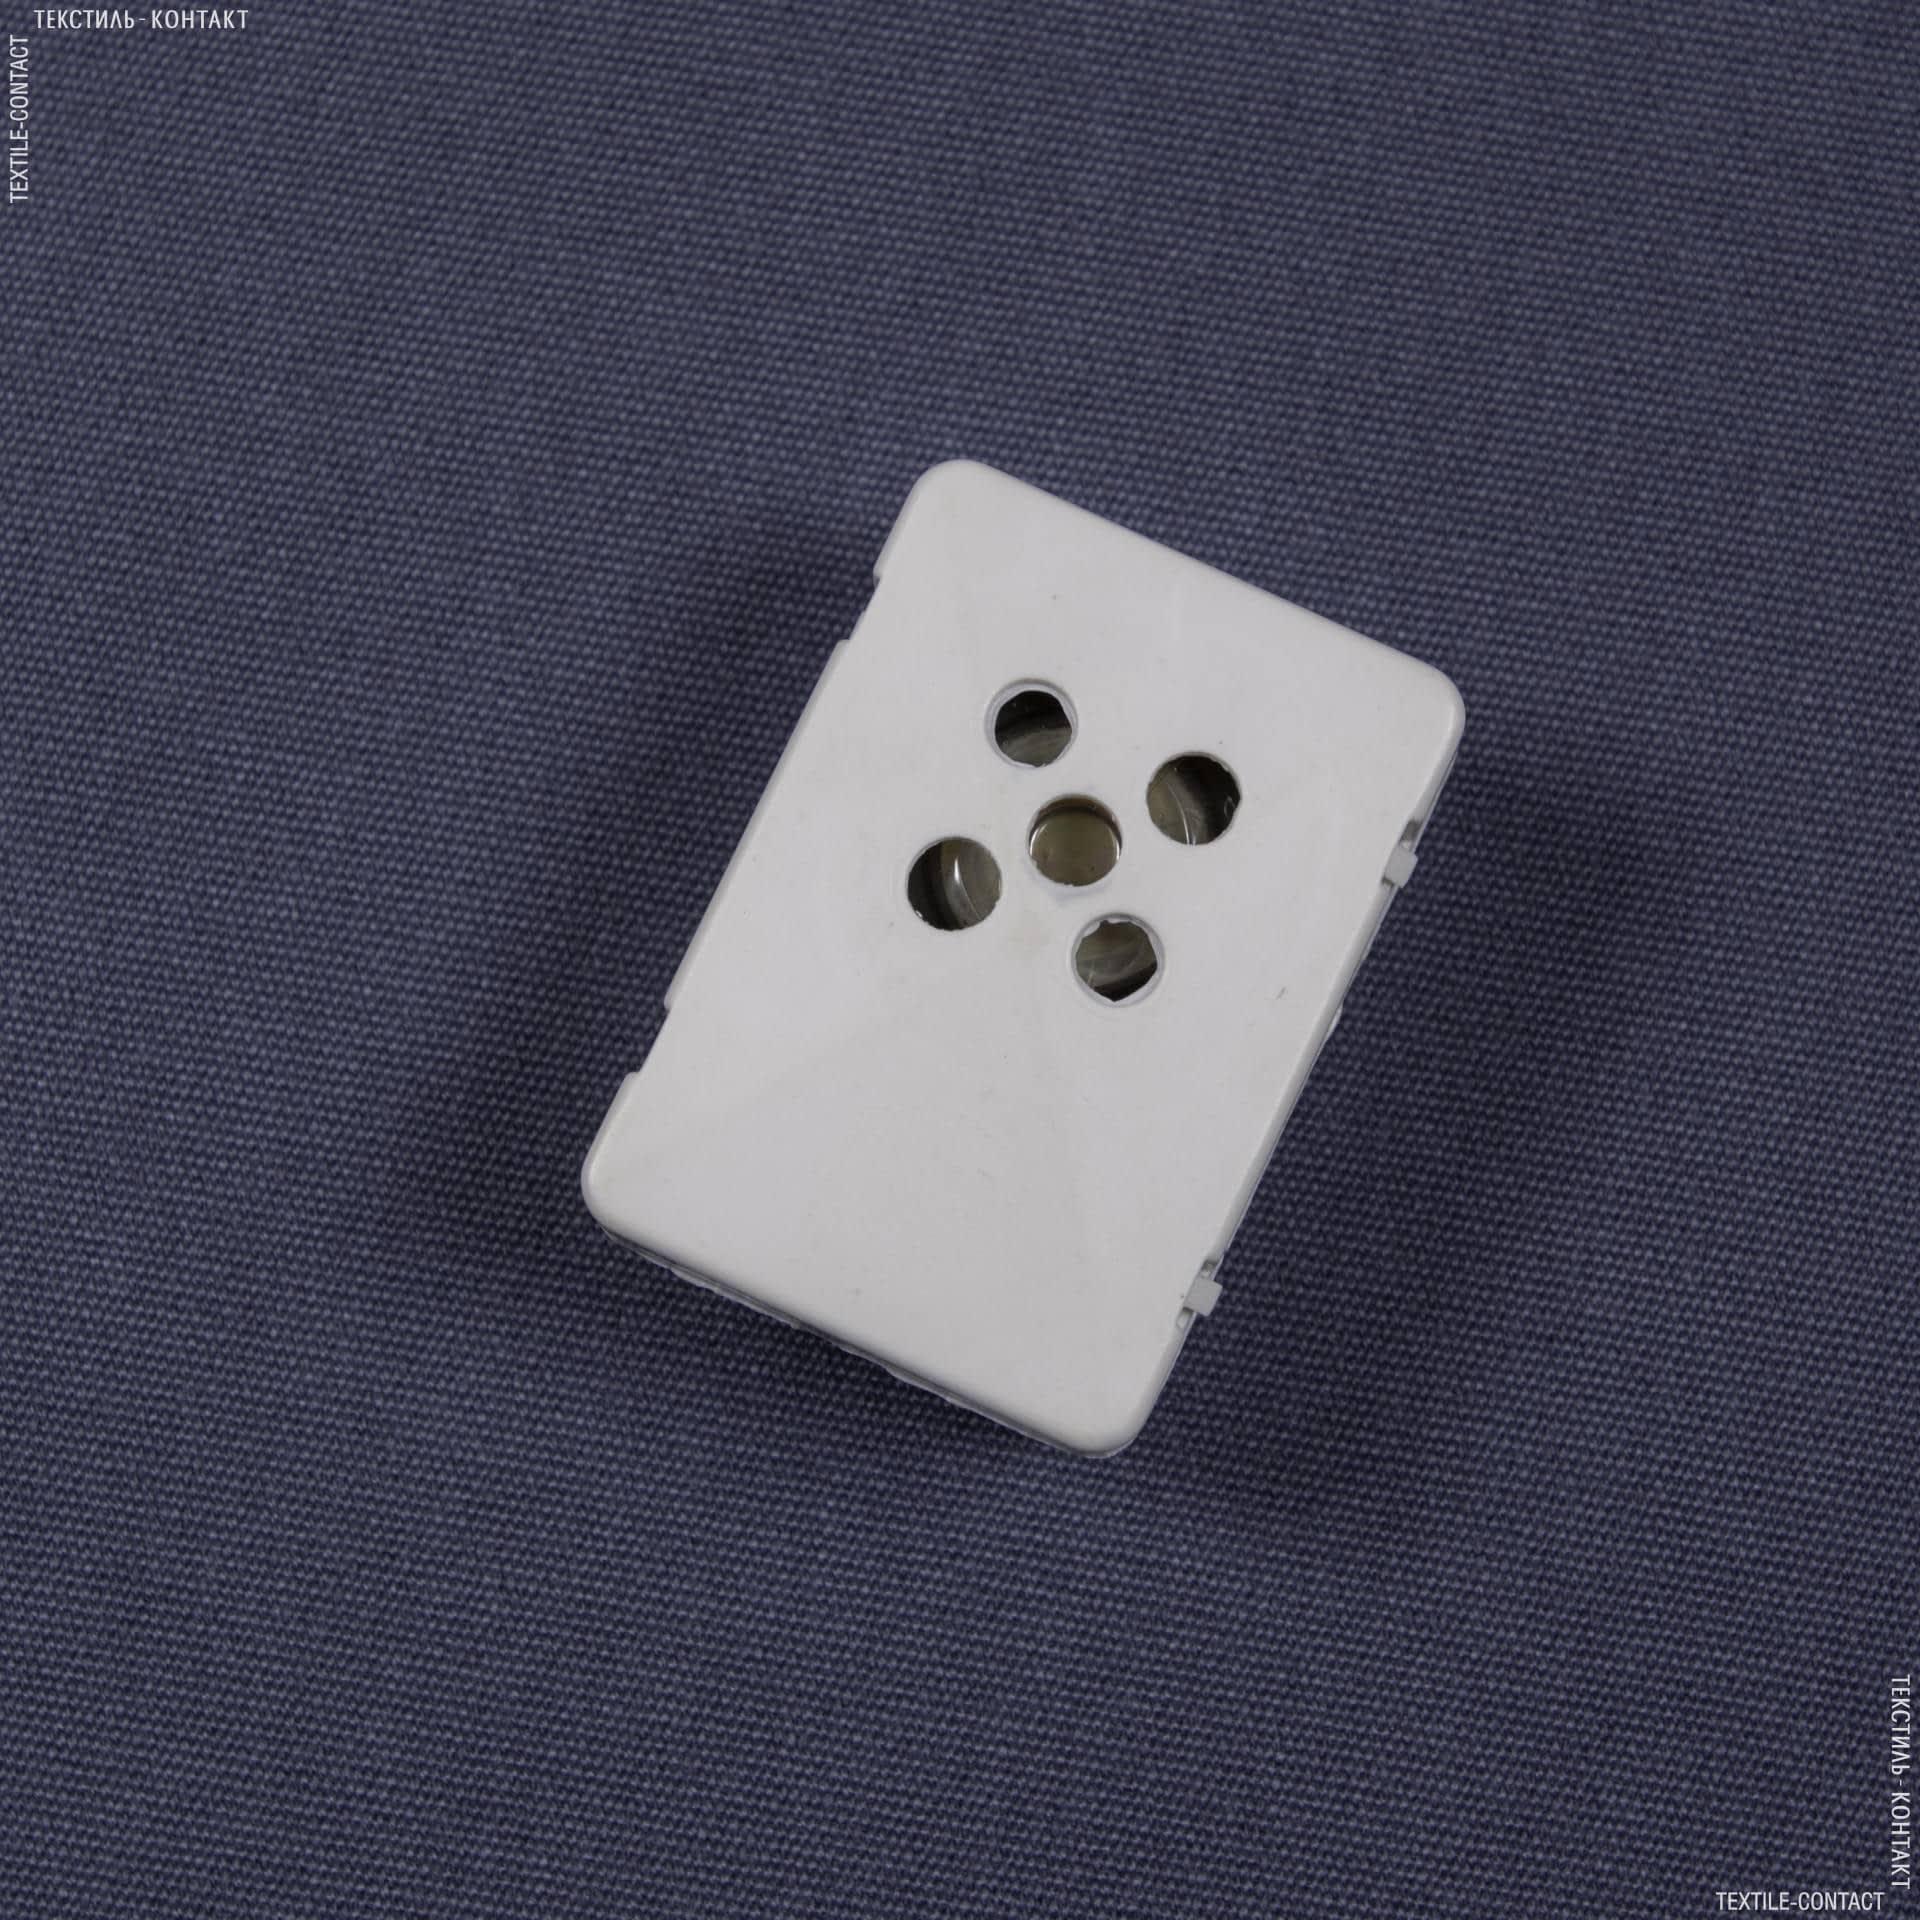 """Ткани фурнитура для игрушек - Звуковой модуль для игрушек """"детский смех"""" 10сек"""